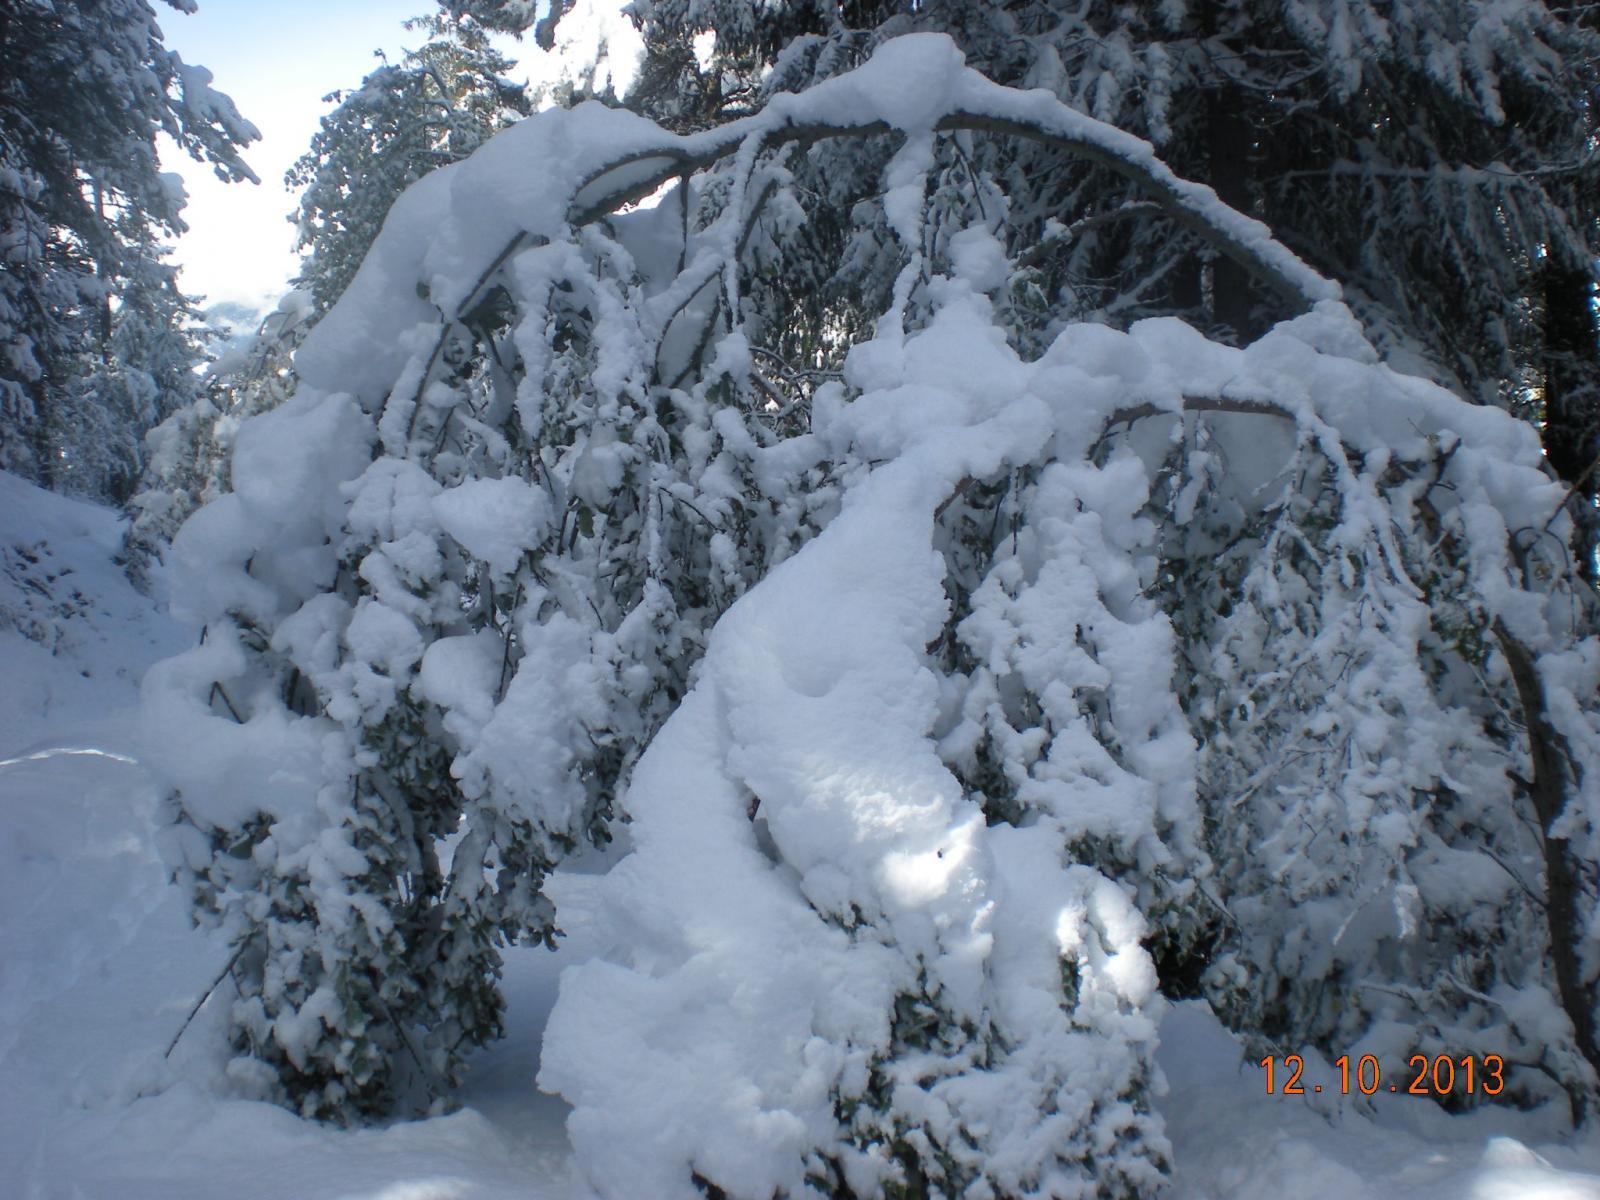 neve sempre più abbondante